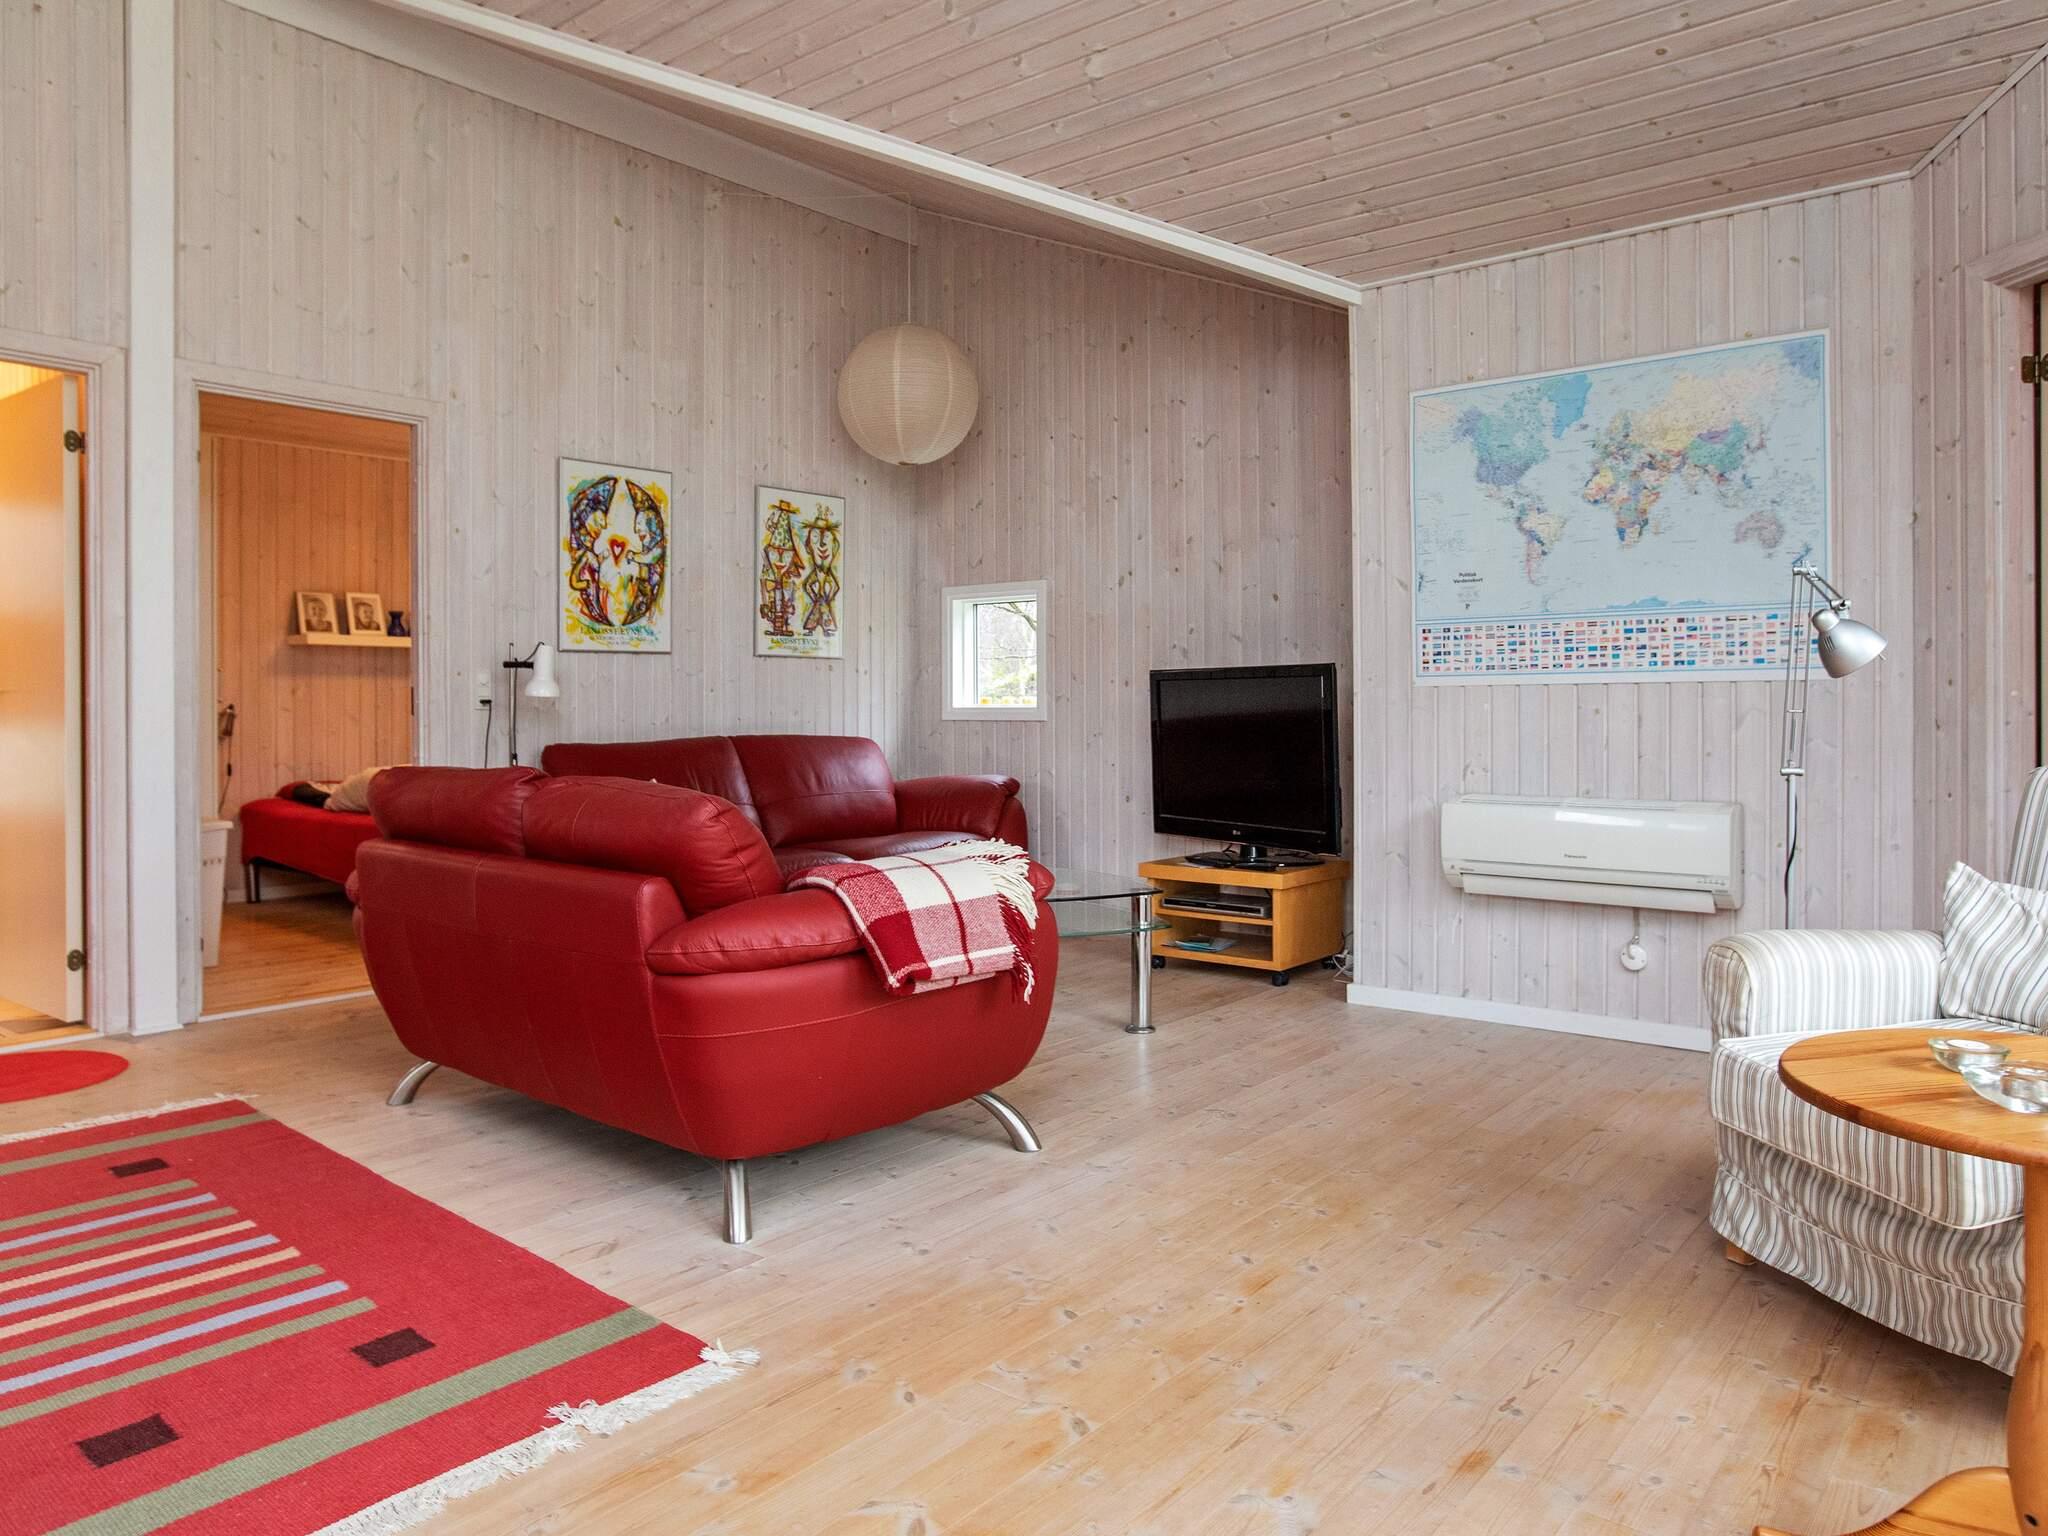 Ferienhaus Vejby (2701529), Vejby, , Nordseeland, Dänemark, Bild 5